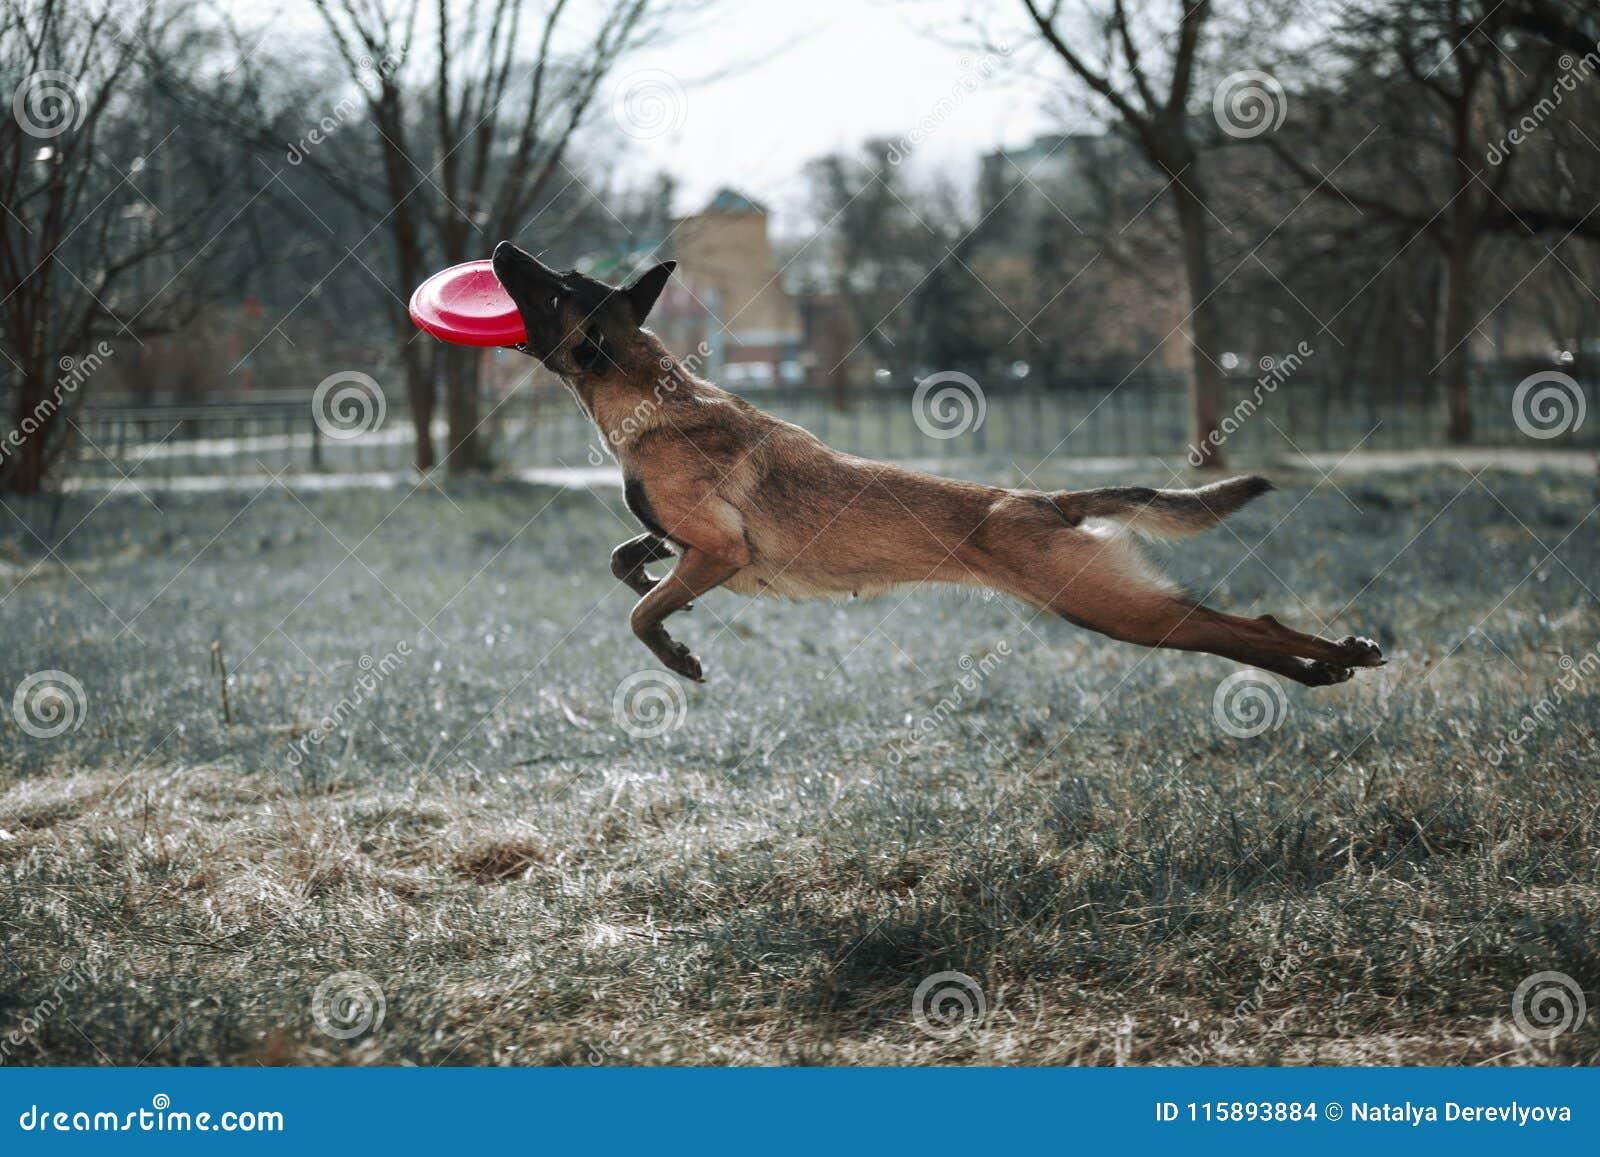 Der Hund springt Hoch und Spiele im Frisbee